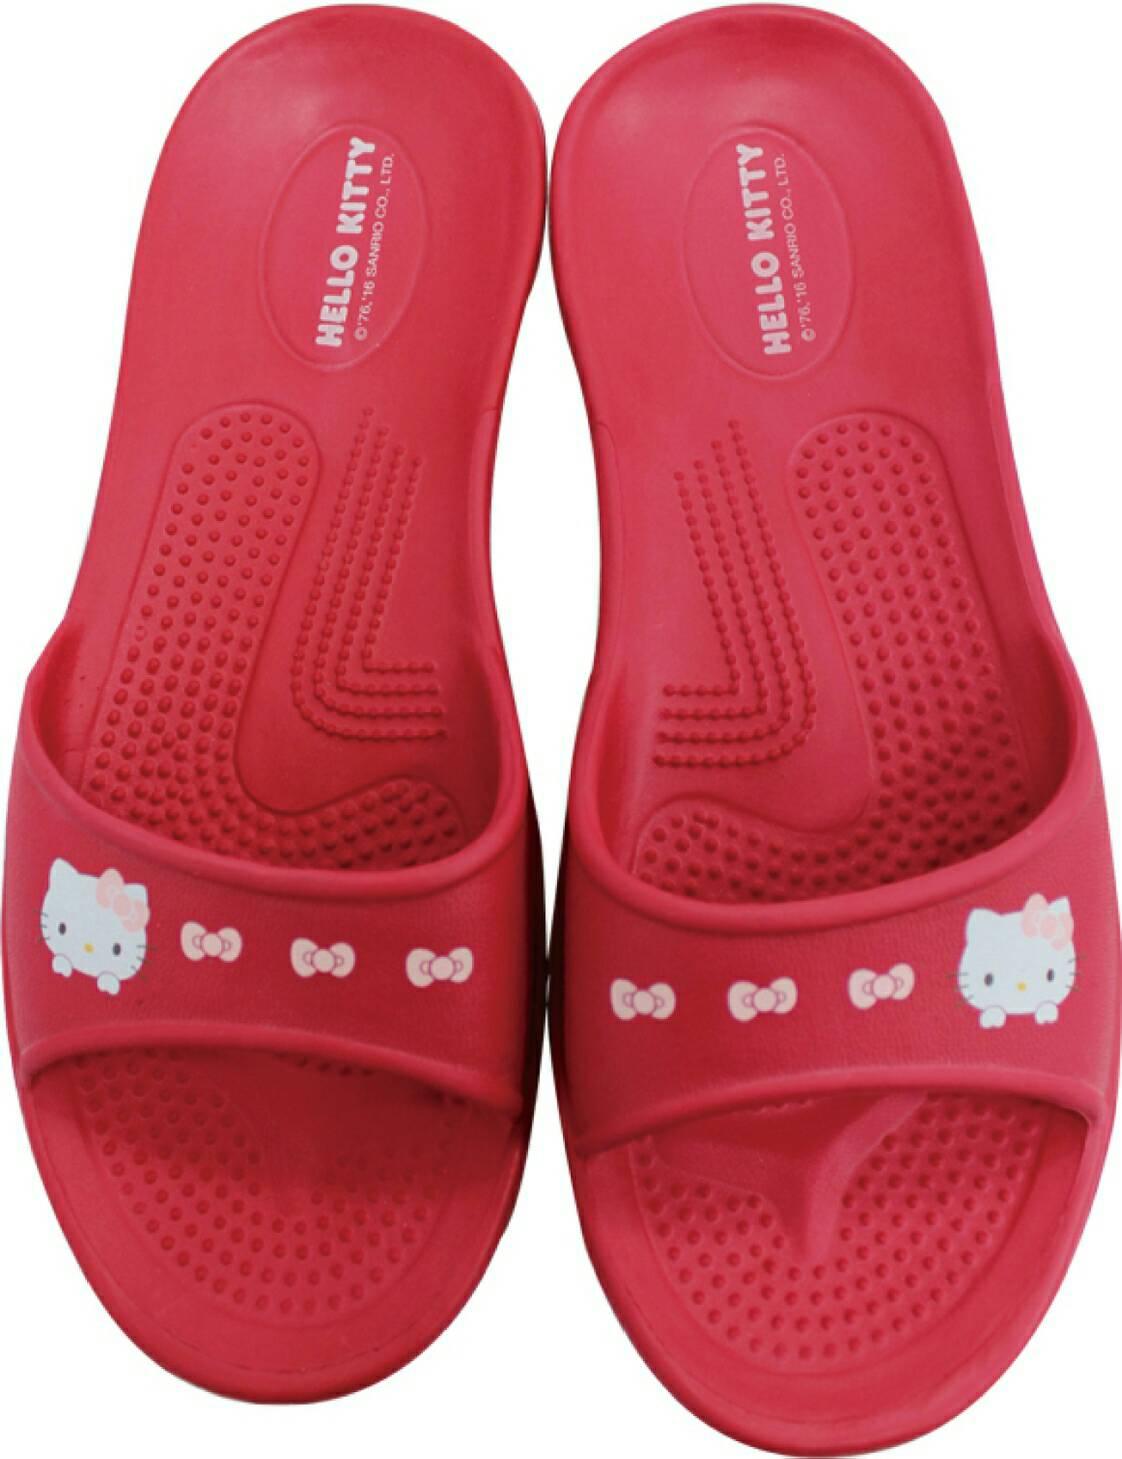 599免運~紅色HELLO KITTY拖鞋尺寸36.38.40 台灣製造超輕防水防滑拖鞋室內外拖鞋 浴室拖鞋